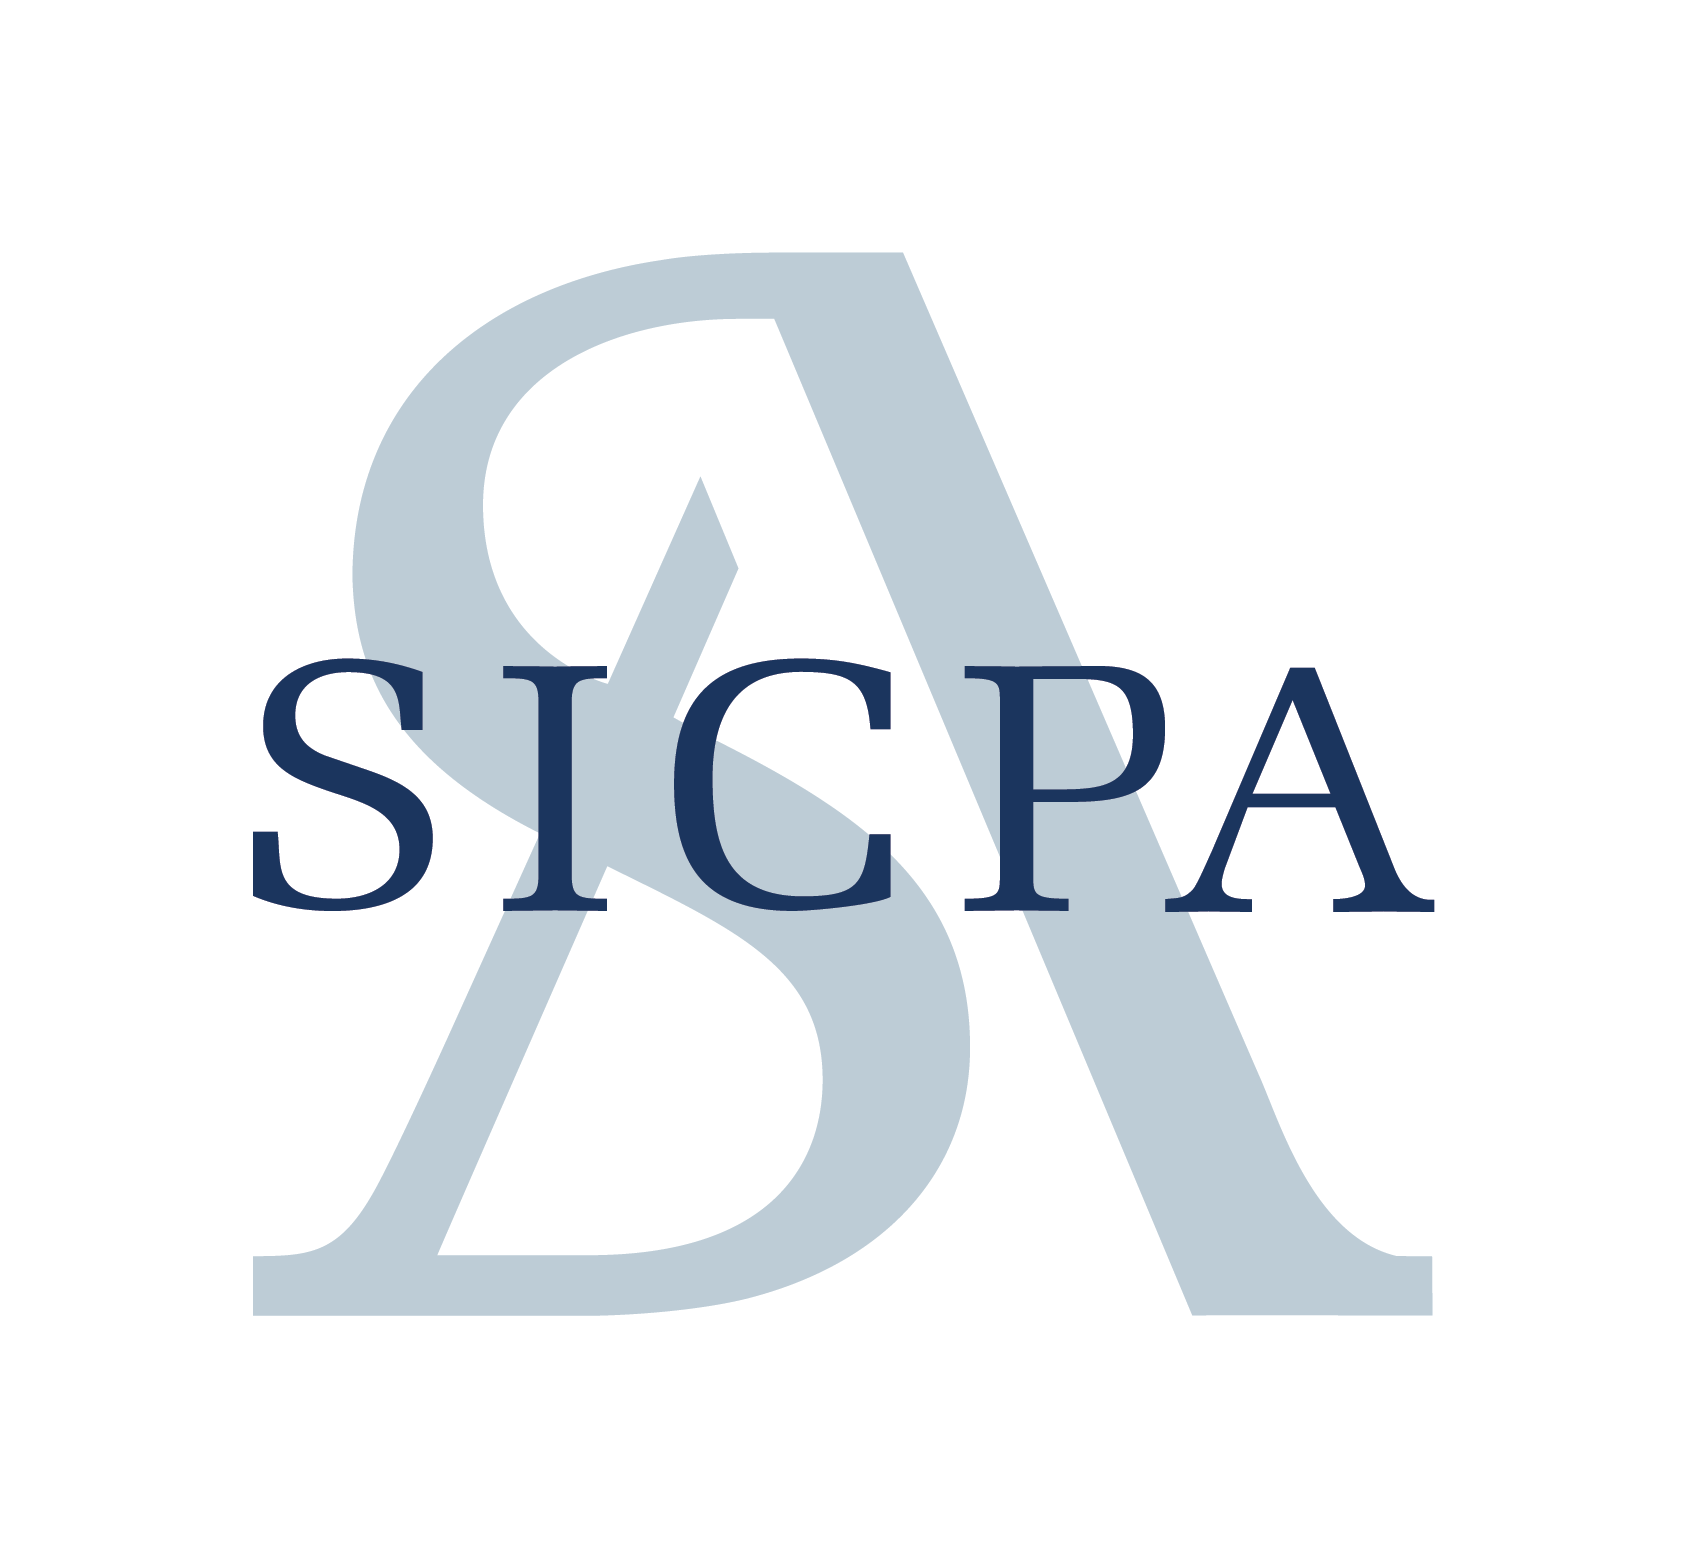 SICPA_8.31.21